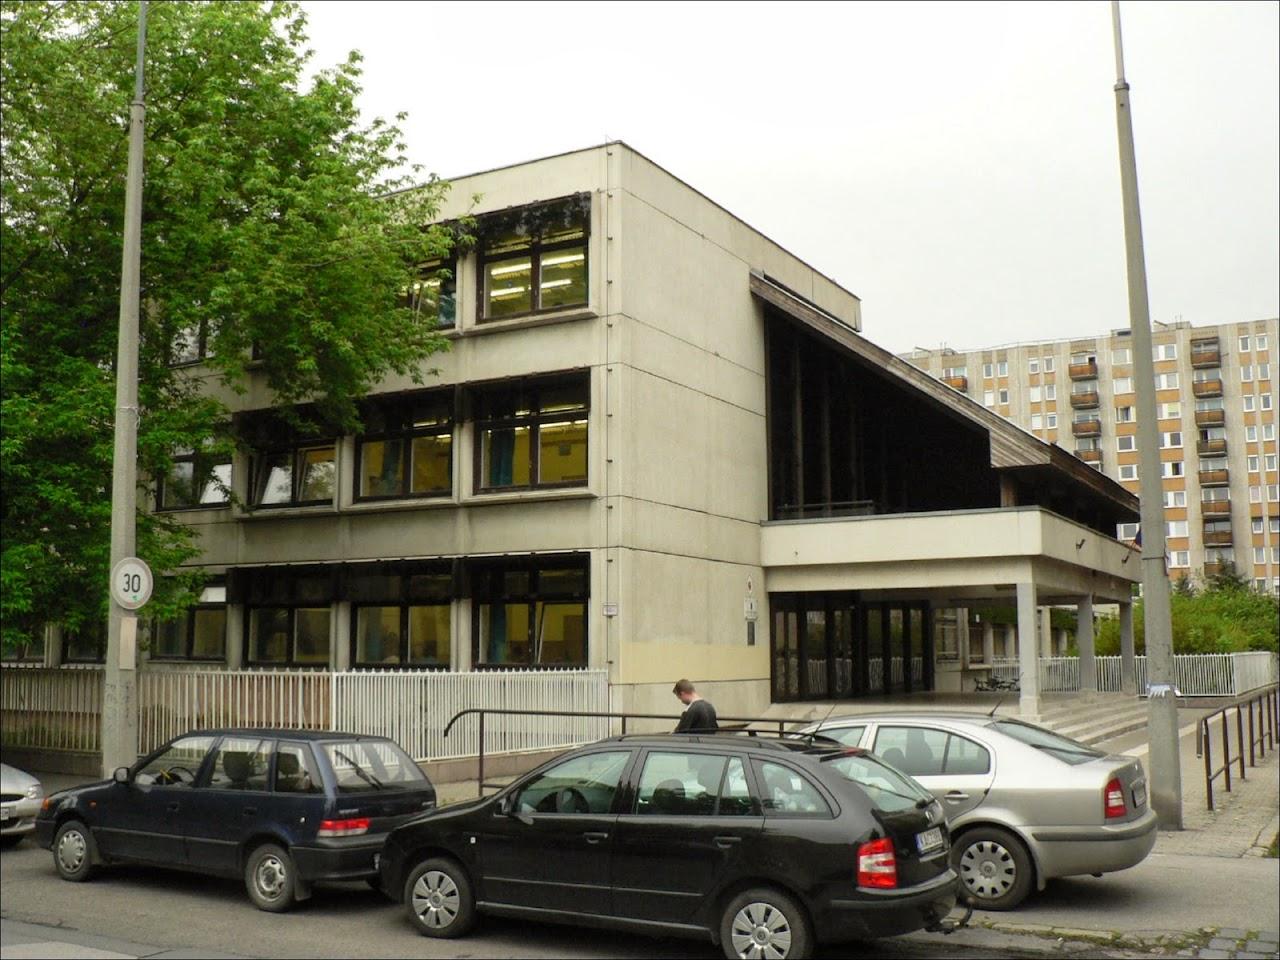 Képek az iskoláról - image038.jpg